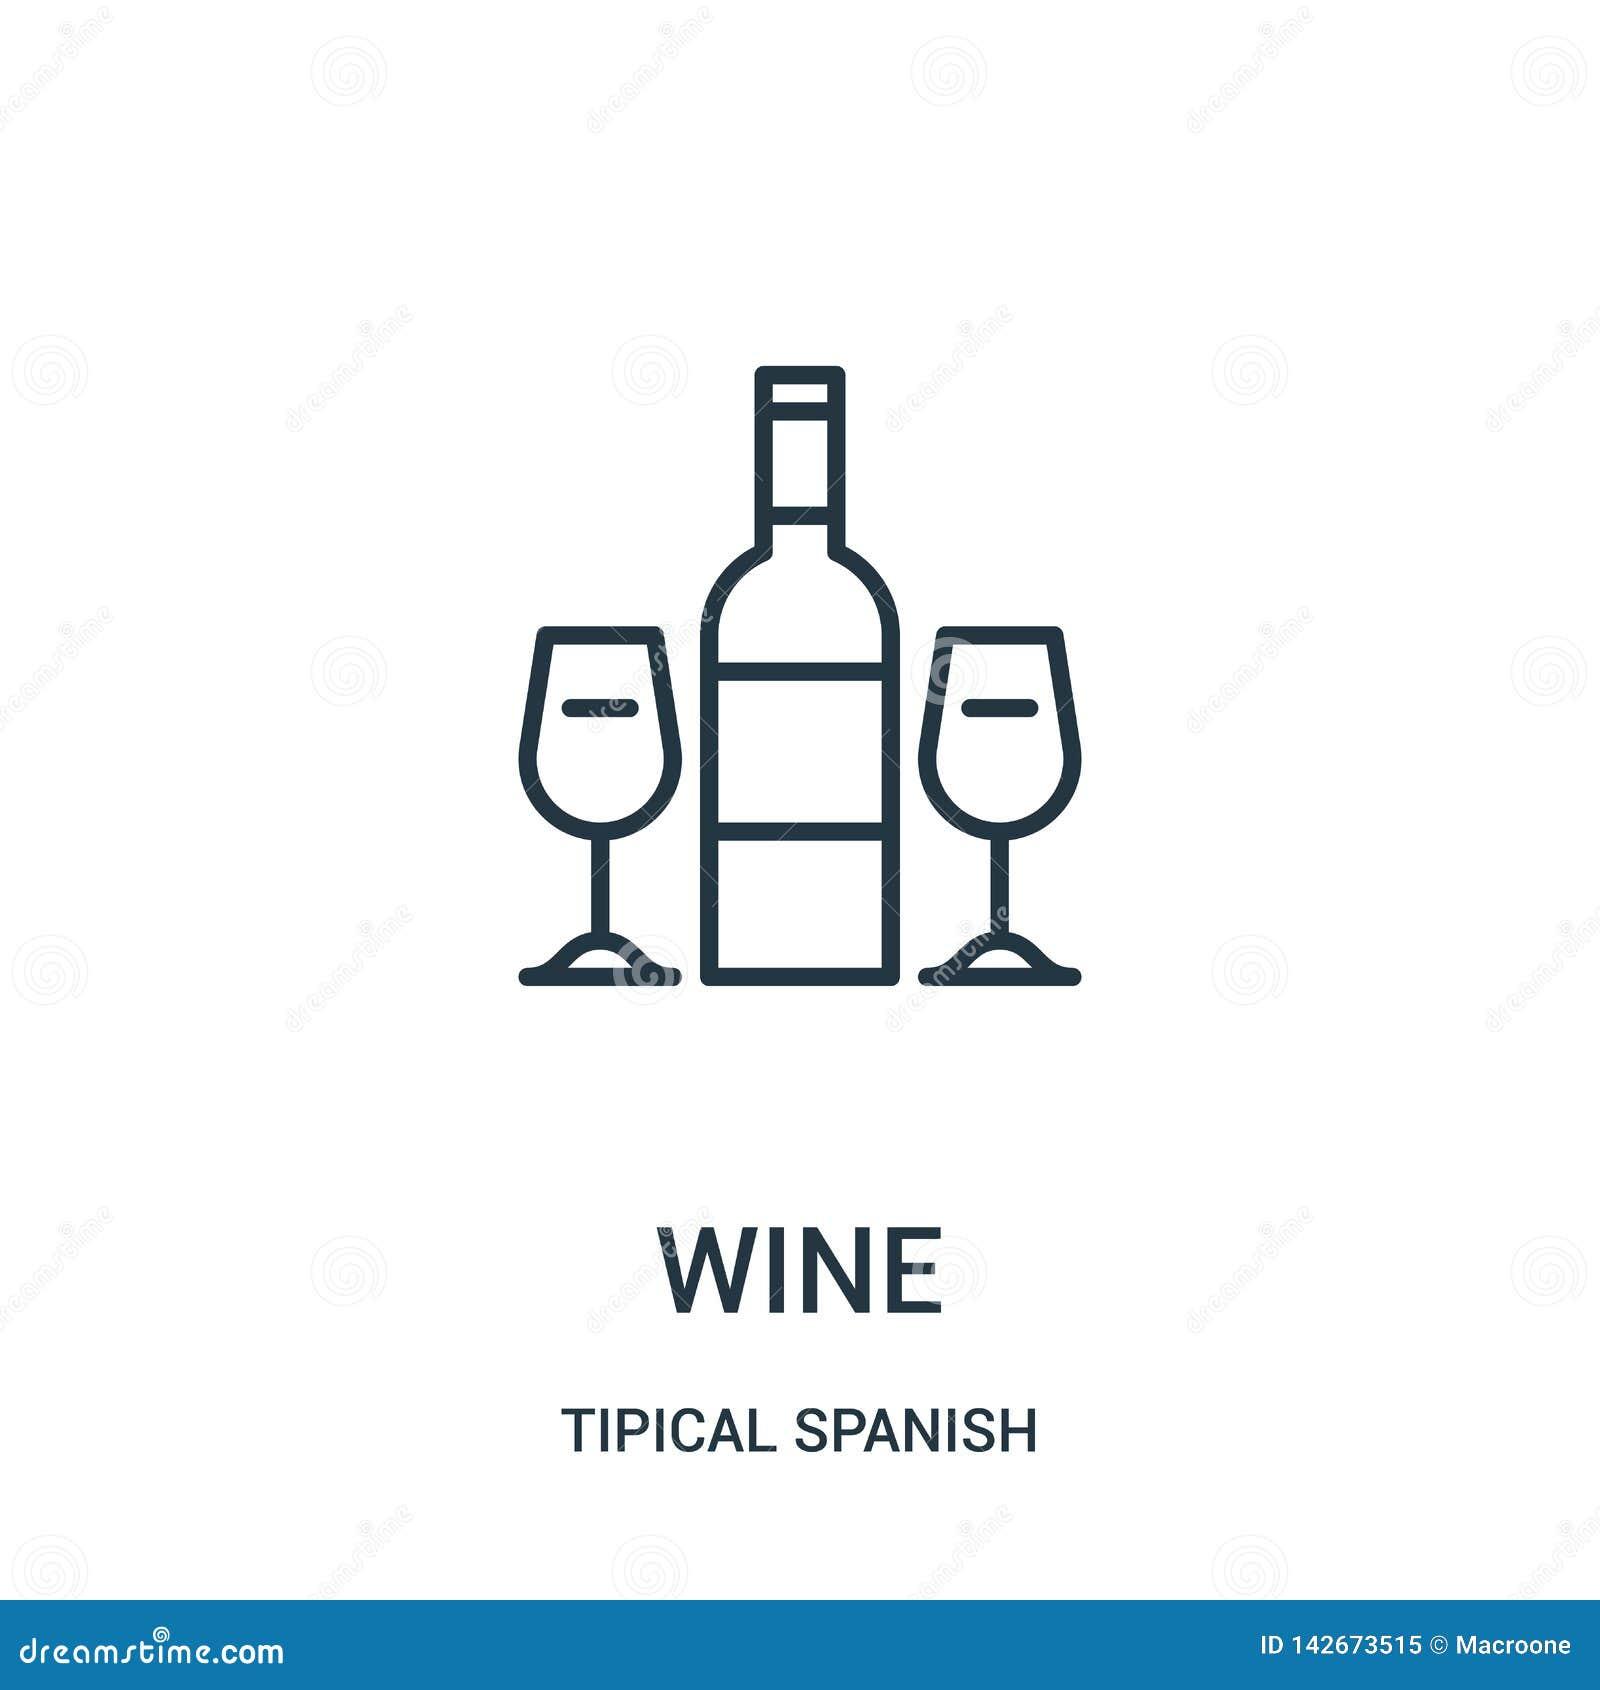 Vetor do ícone do vinho da coleção espanhola tipical Linha fina ilustração do vetor do ícone do esboço do vinho Símbolo linear pa